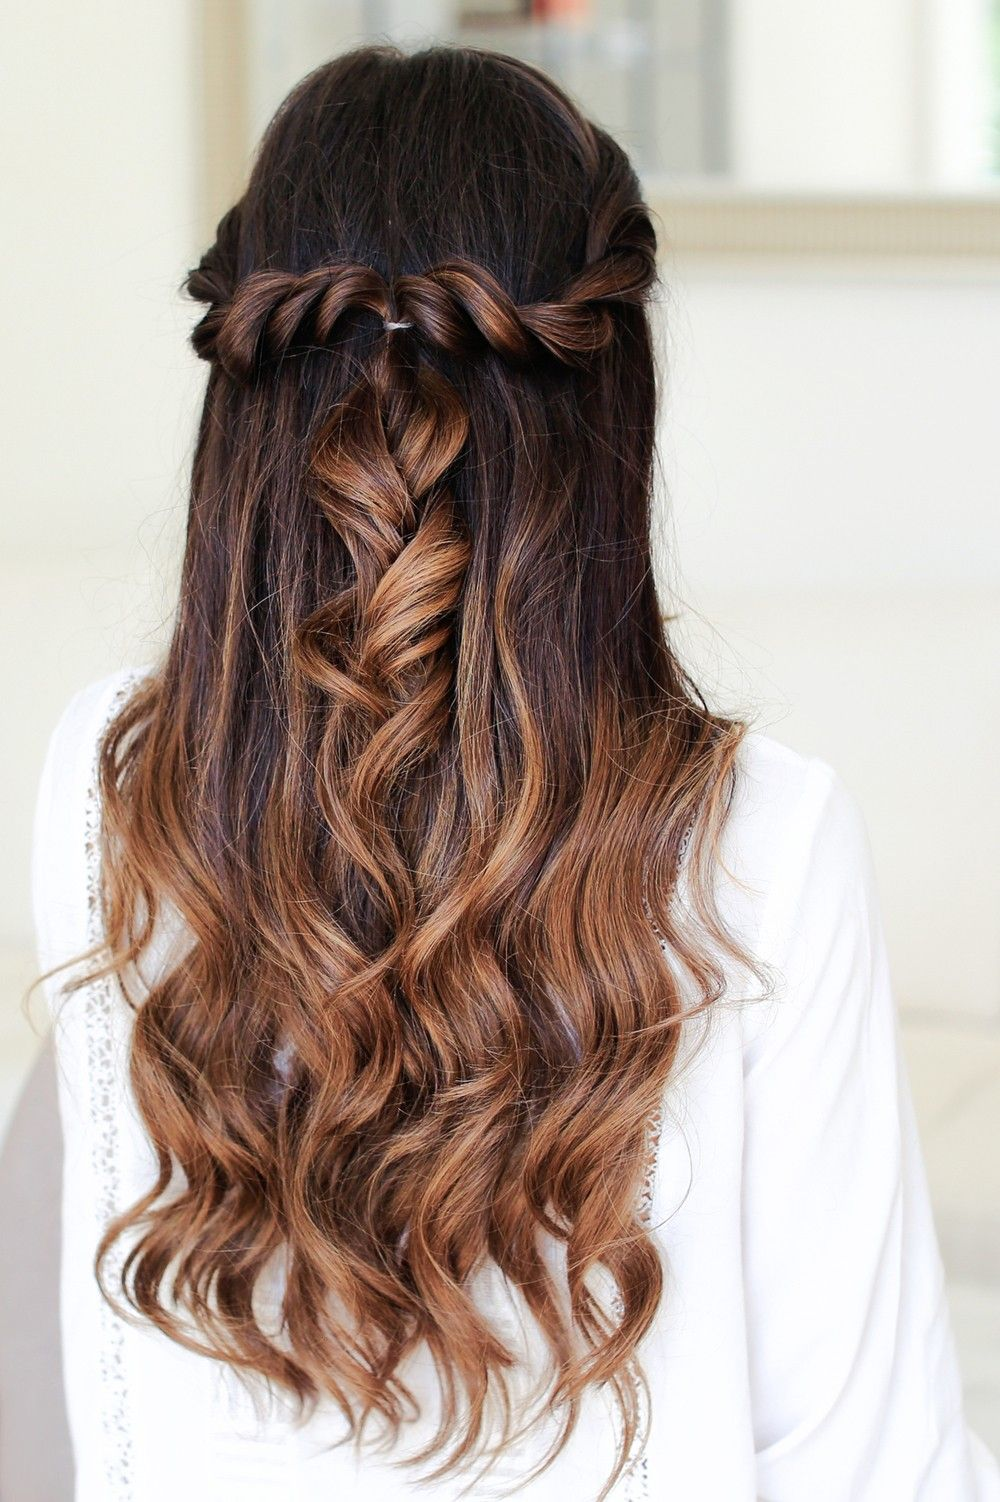 Foto: Reprodução / Luxy Hair